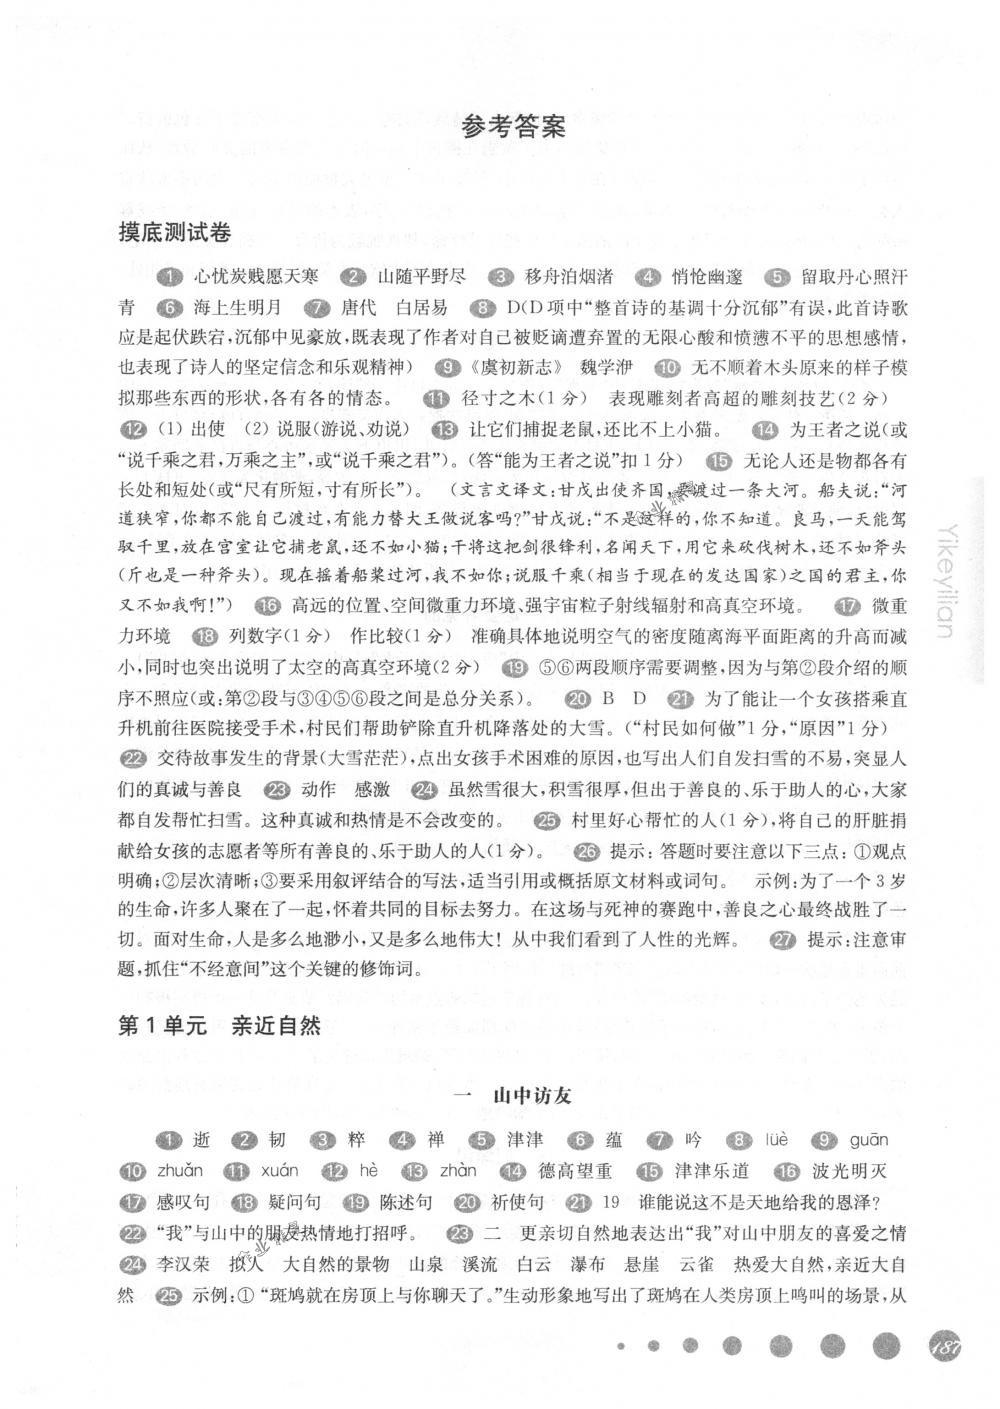 2018年华东师大版一课一练七年级语文第二学期沪教版第1页